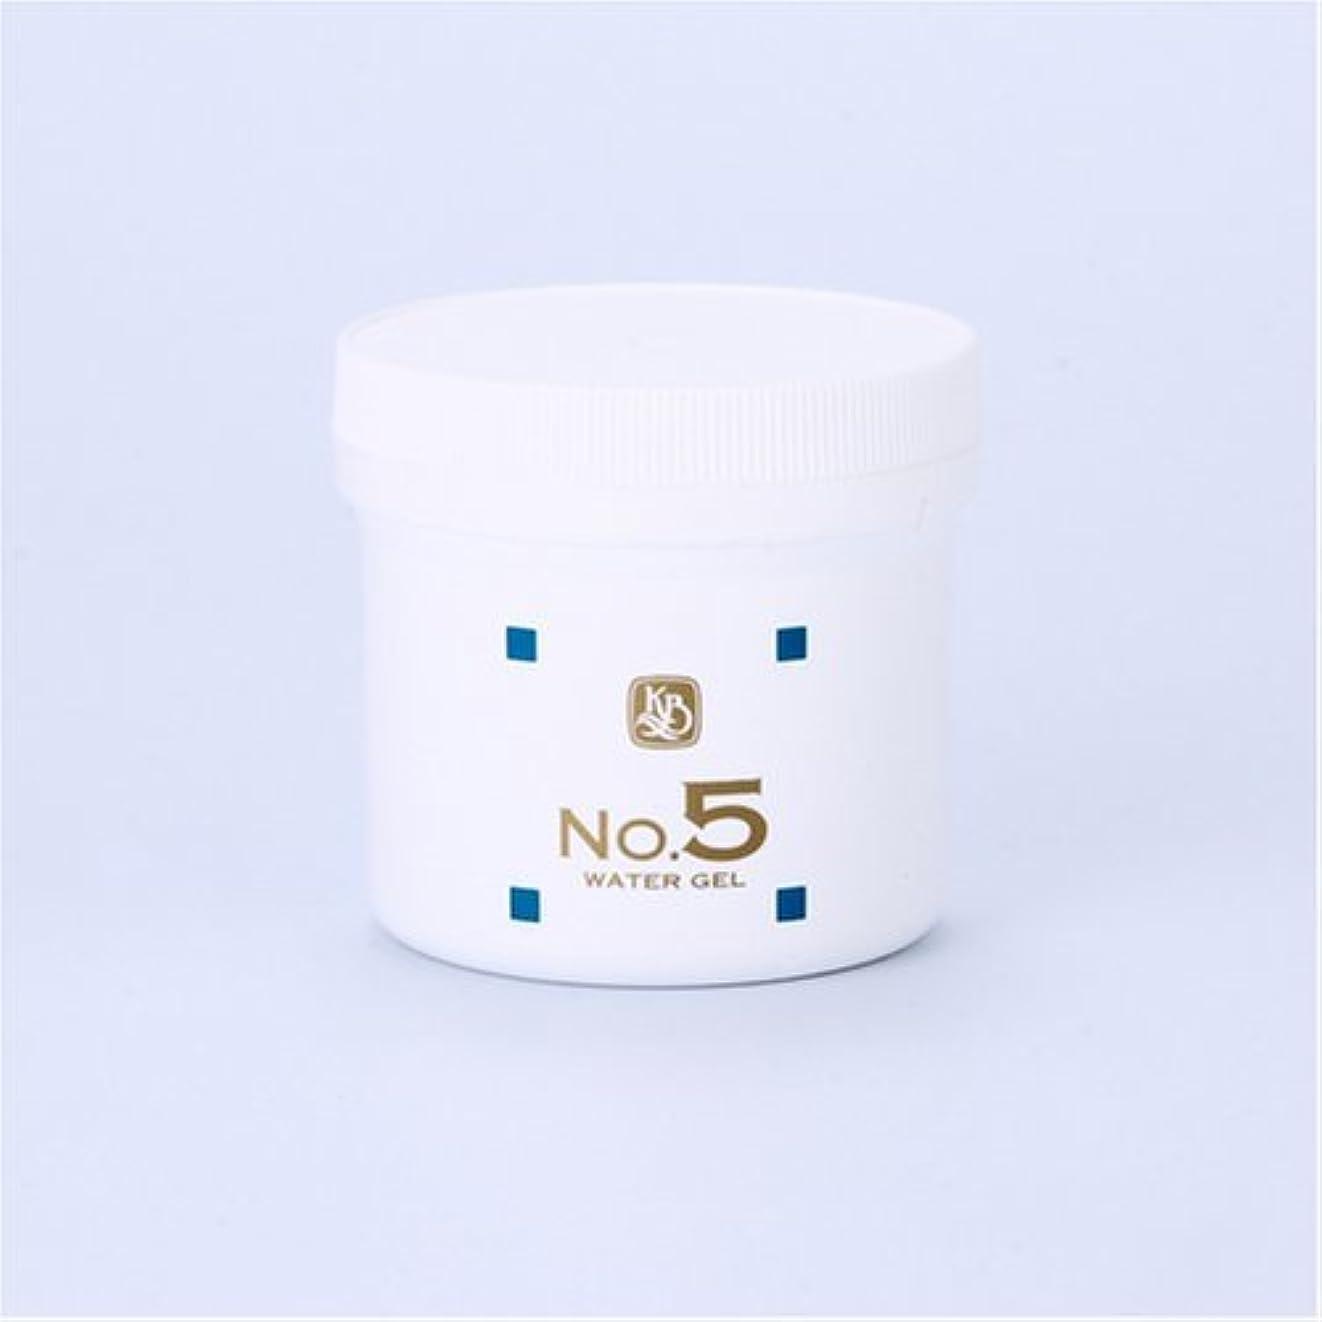 間に合わせ受動的本質的ではない顔を洗う水シリーズ ウォーターゲルNo5(鎮静パック) 250g